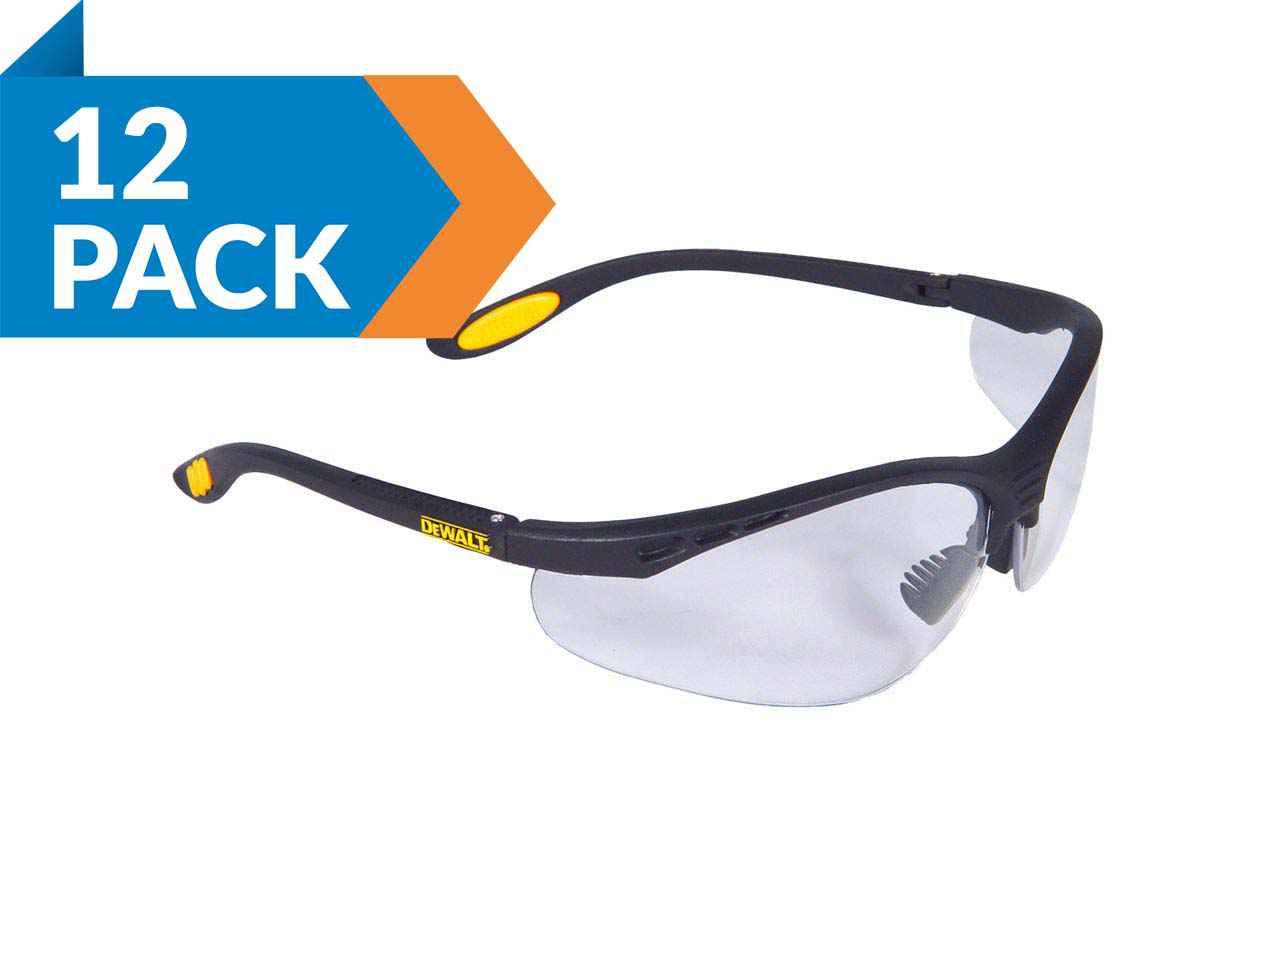 DEWALT DPG58-11 Dpg58 Reinforcer SAFETY Glass Clear Lens Anti-Fog SAFETY Glass Radians Inc.